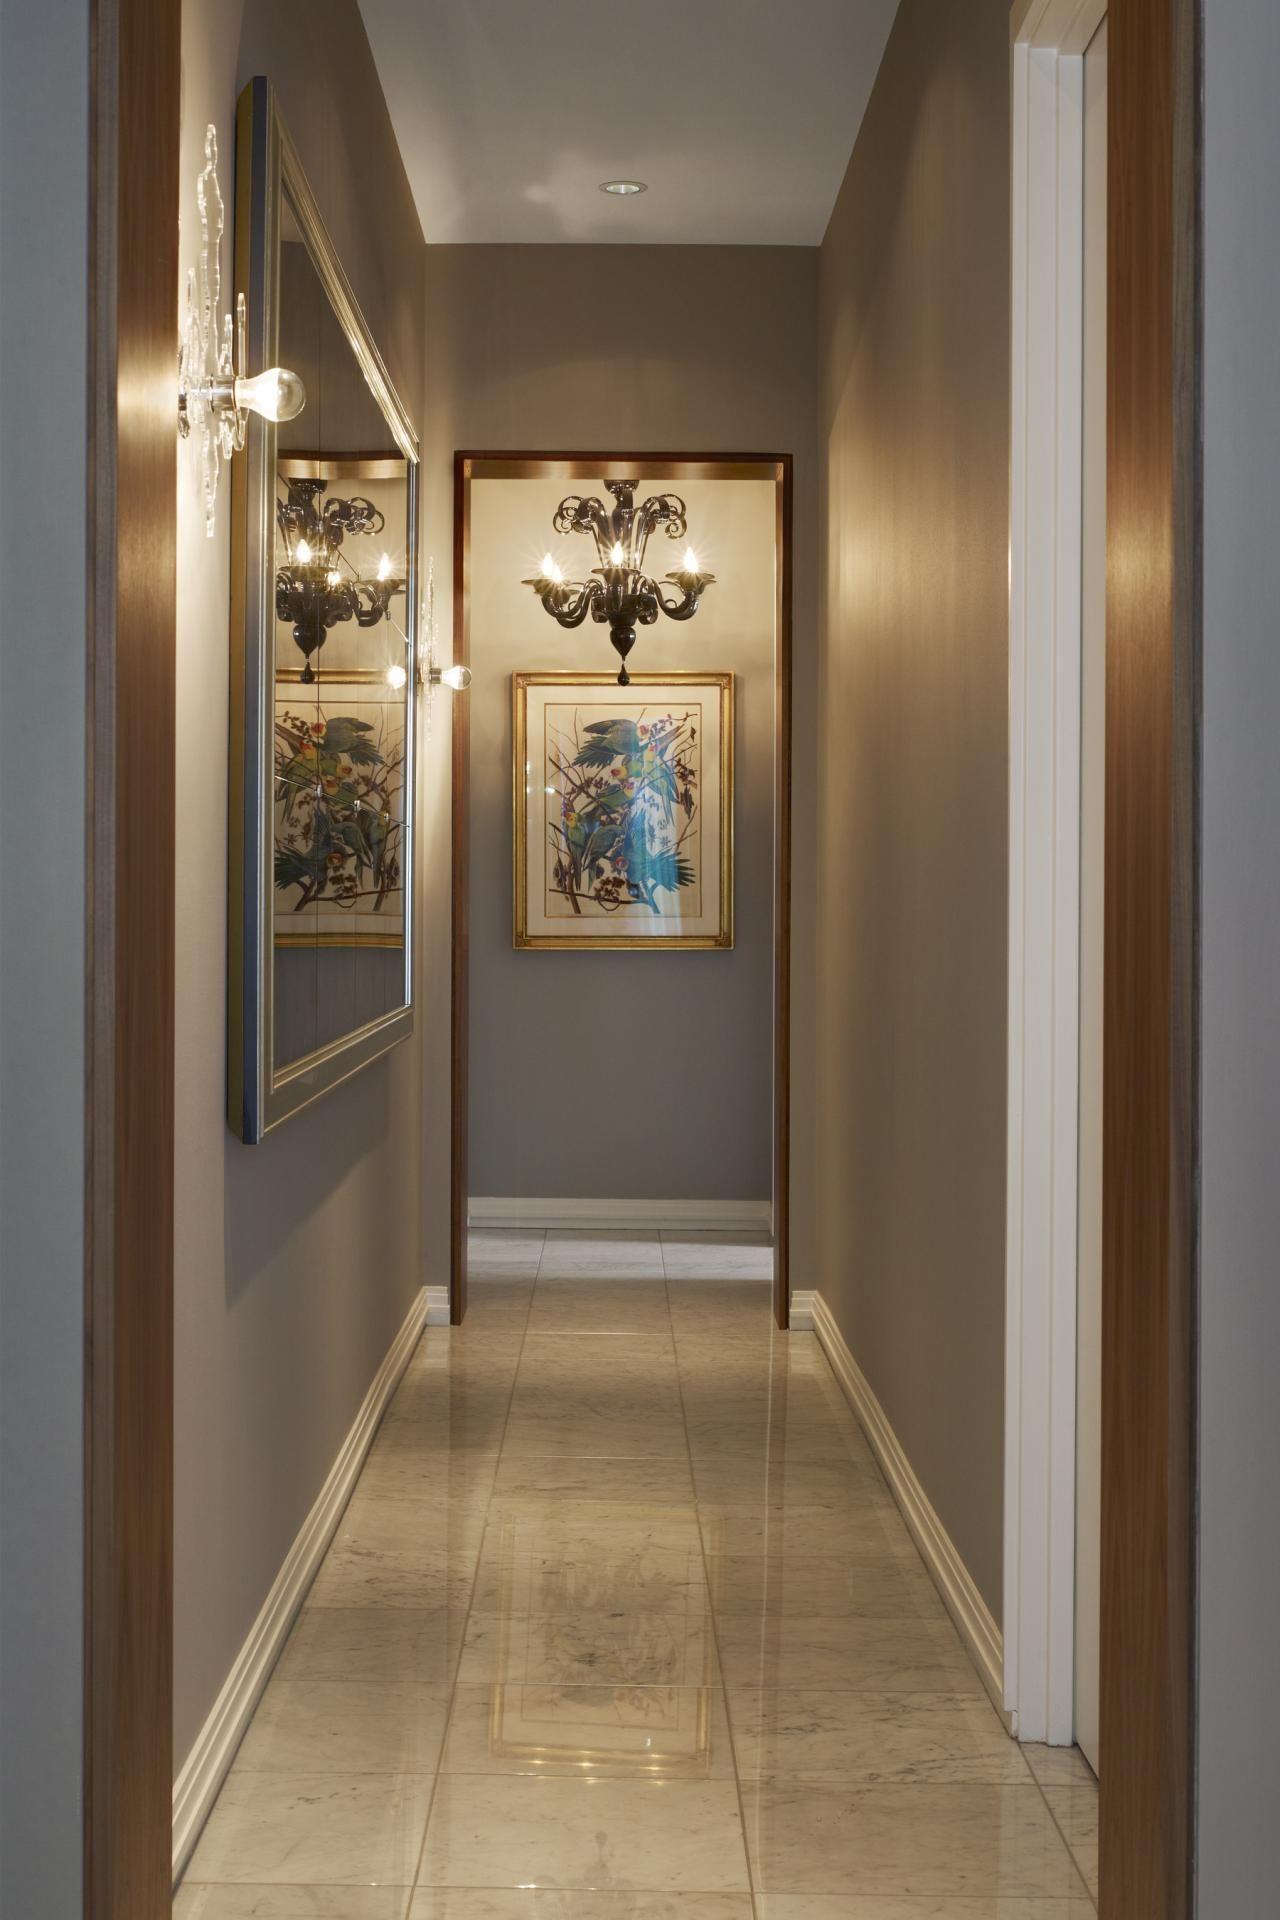 Find The Best Of Centaur Interiors From Hgtv